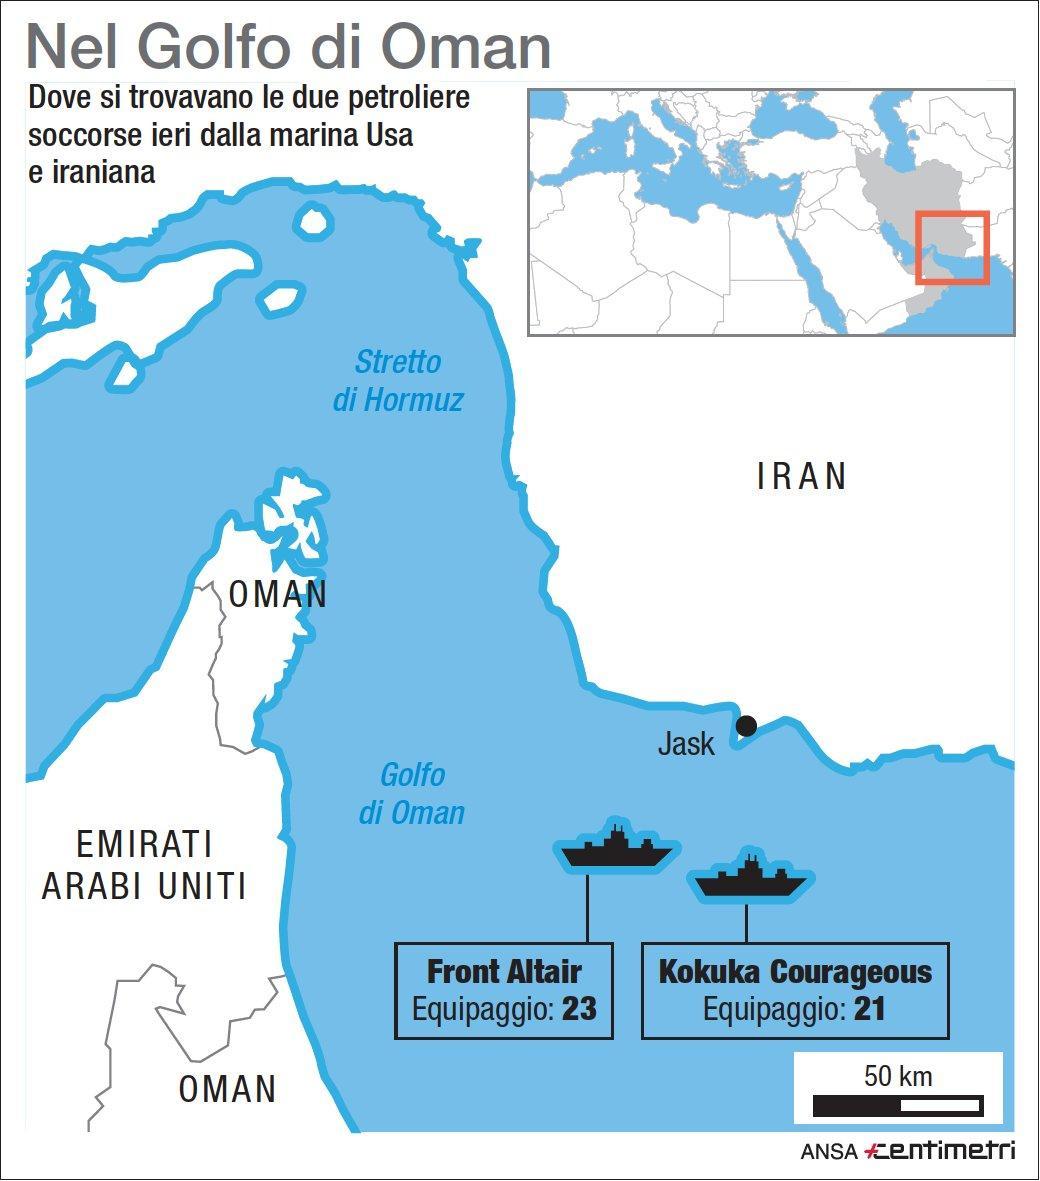 Golfo di Oman, le due petroliere attaccate